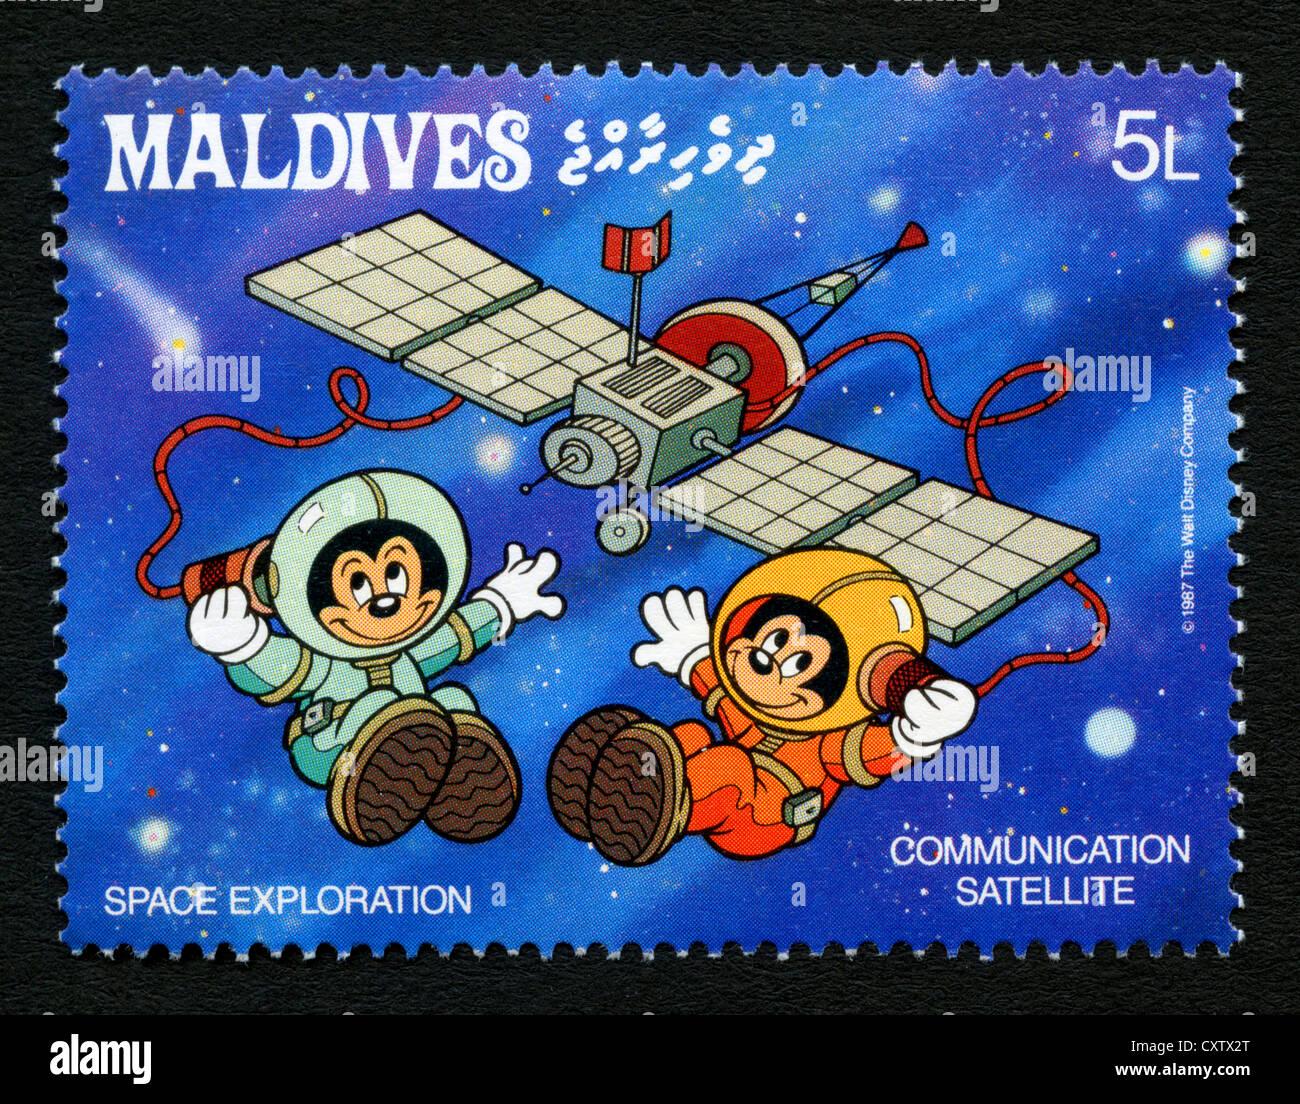 space exploration dvds - photo #45